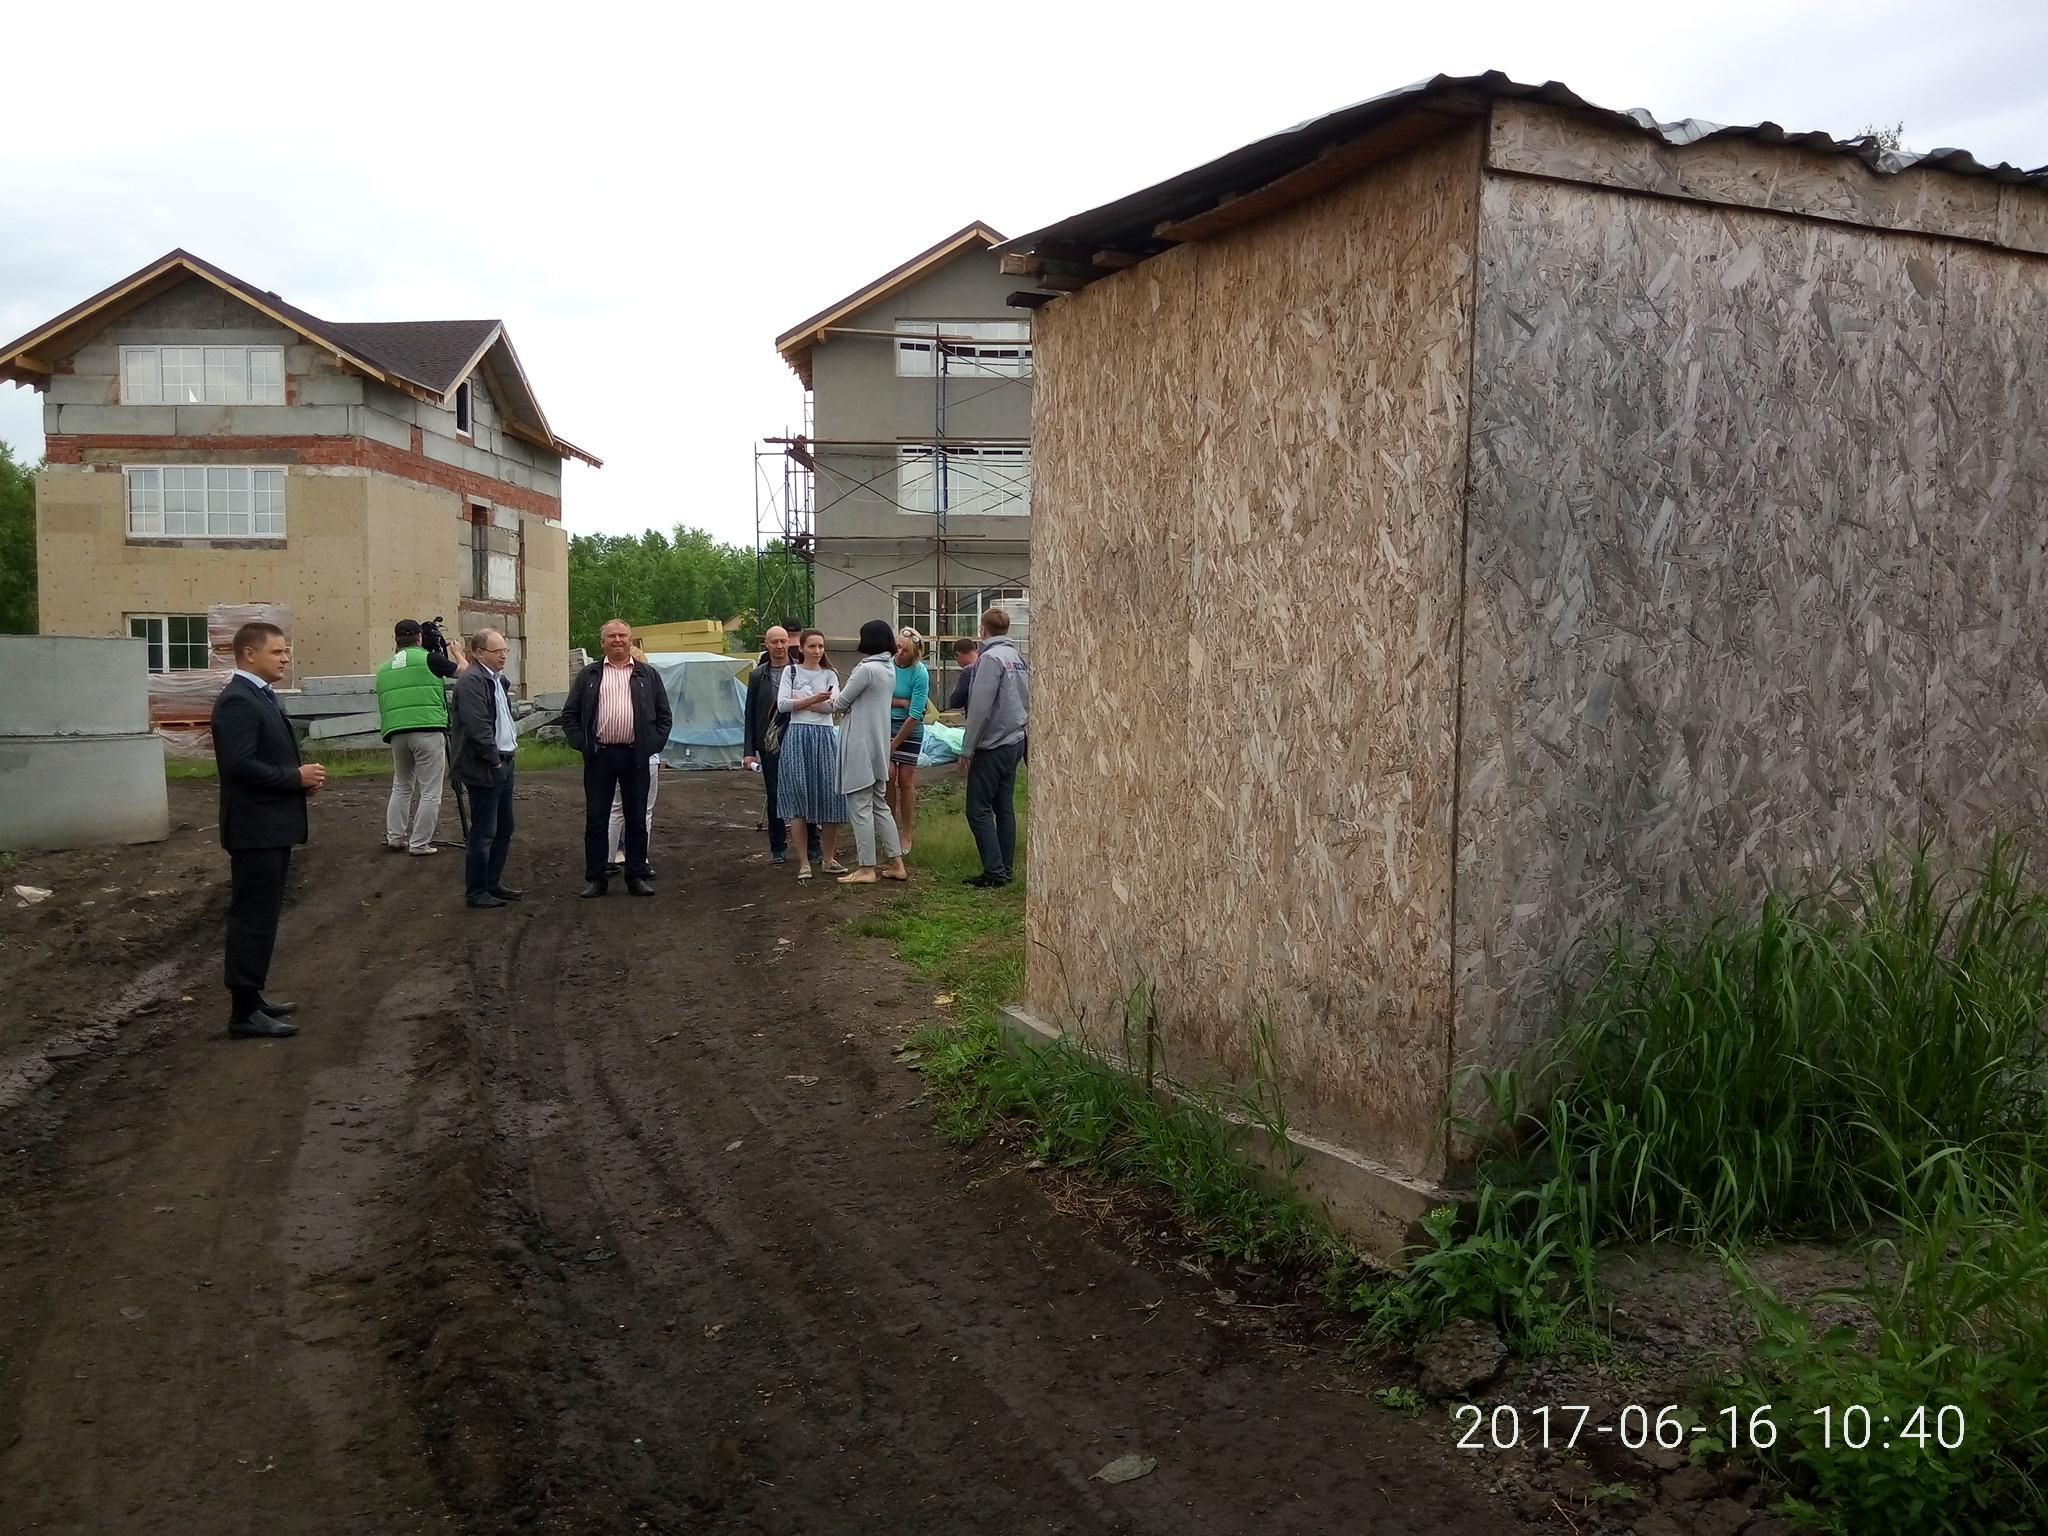 В Челябинской области юридически грамотный экс-чиновник придумал и реализует незаконную схему пер